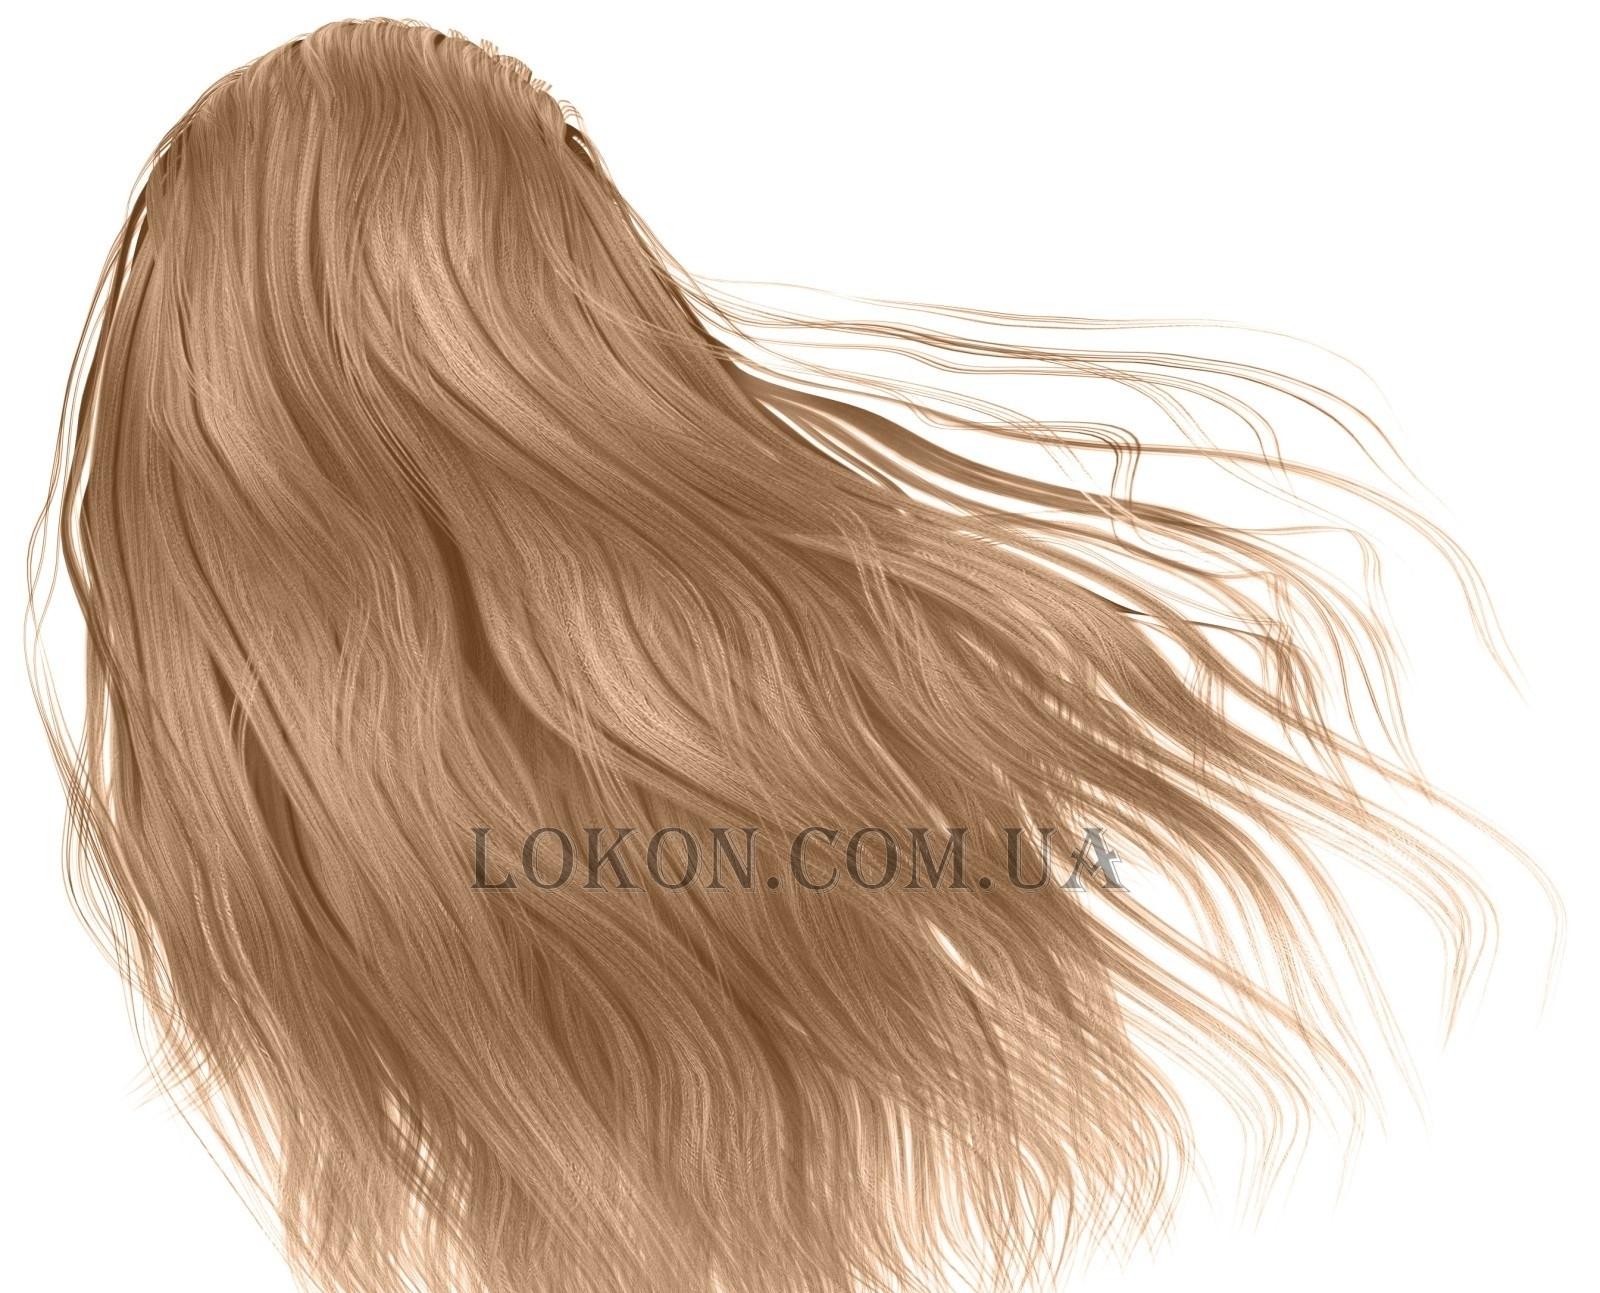 Экстр светлый цвет волос